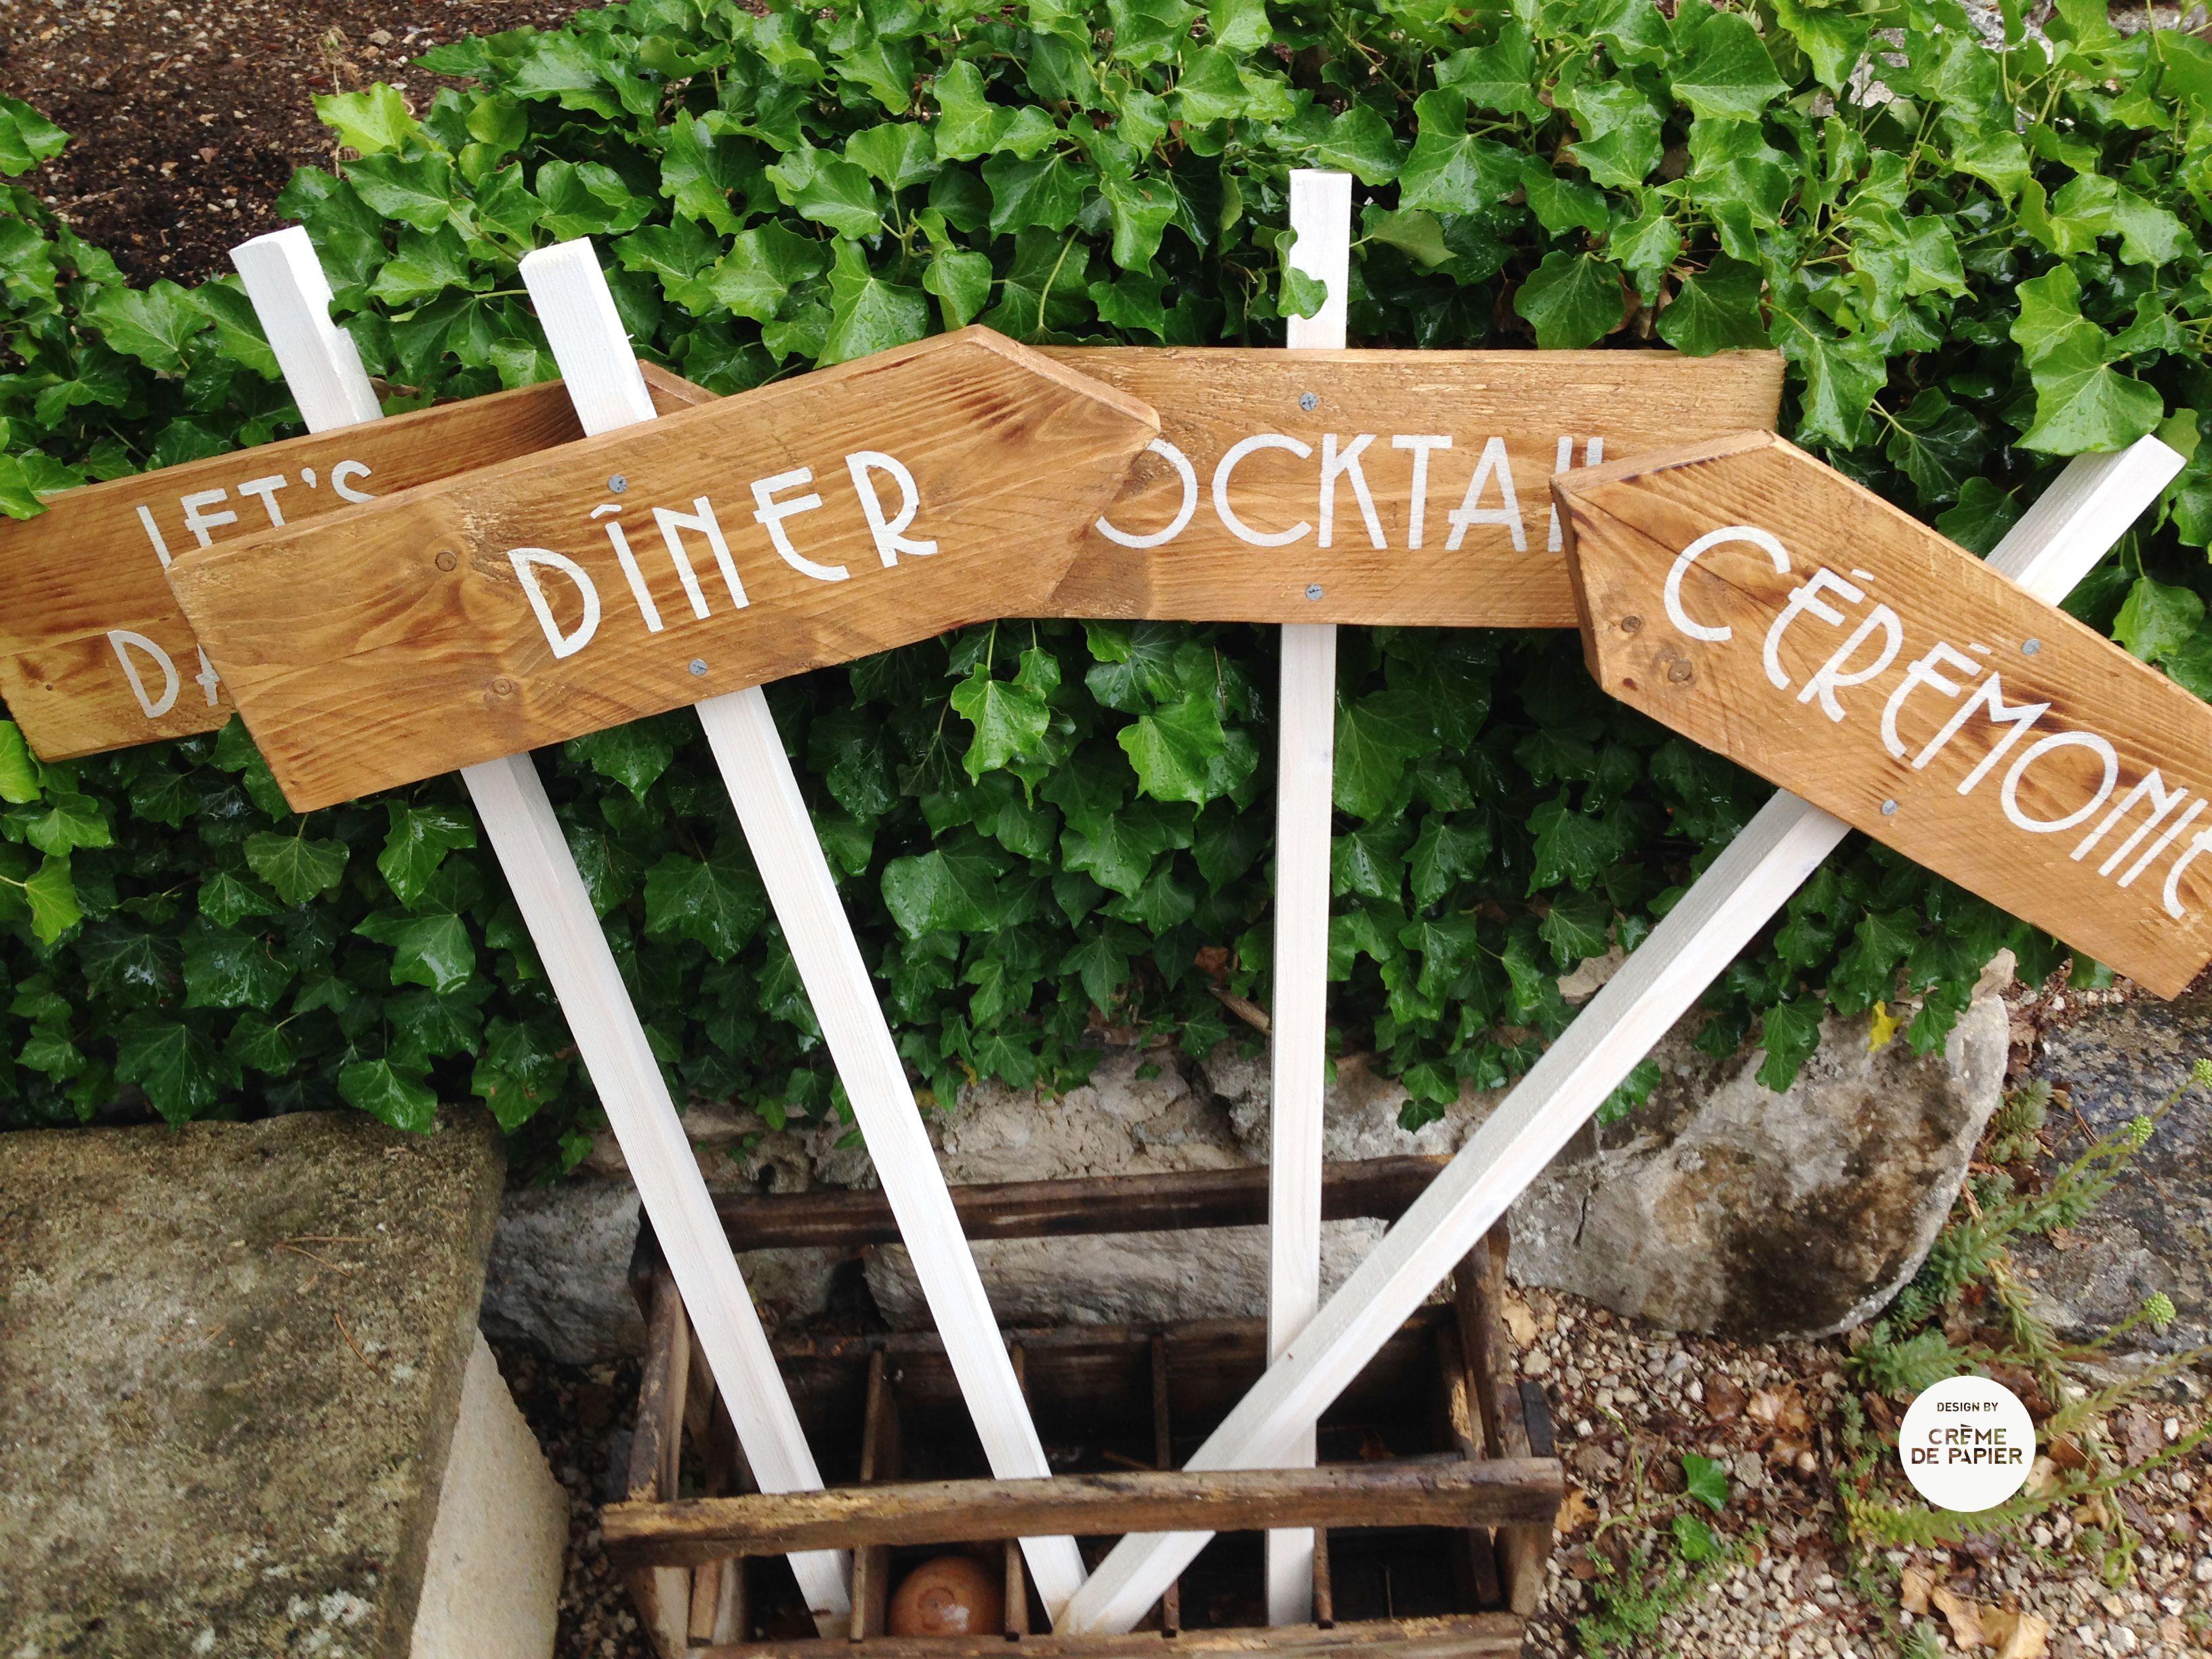 Wooden Signs Panneau bois Signalétique mariage Made by Cr u00e8me de Papier paneaux  # Panneau Directionnel Bois